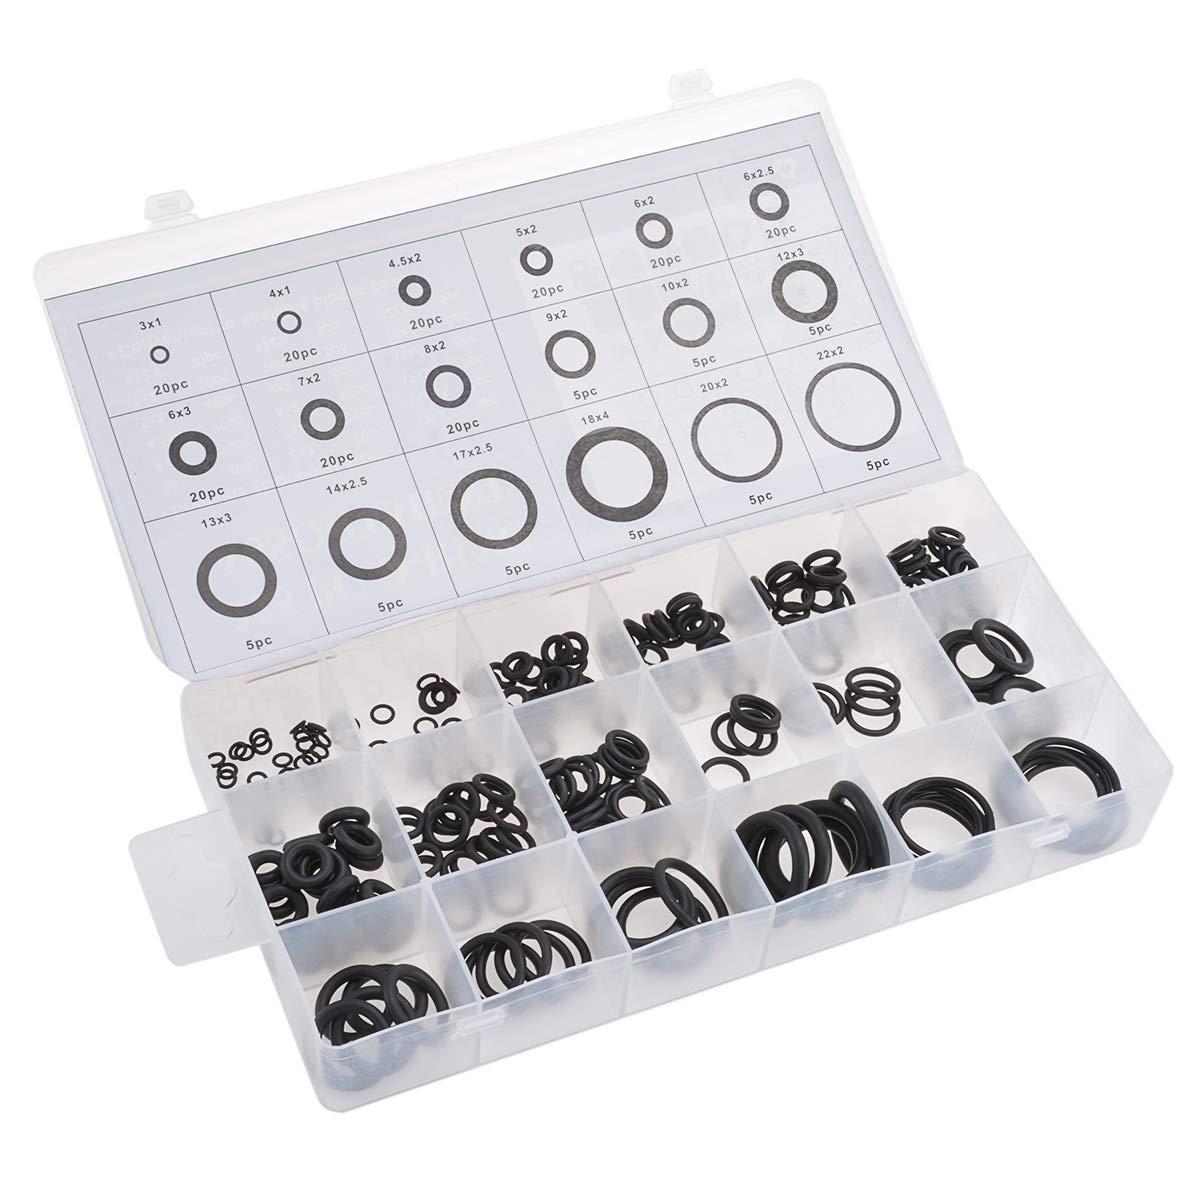 Assortimento universale di anelli O-Ring in gomma nera per lavori idraulici automotive riparazioni generali Katur 18 misure 3-22 mm di diametro interno 225 pezzi